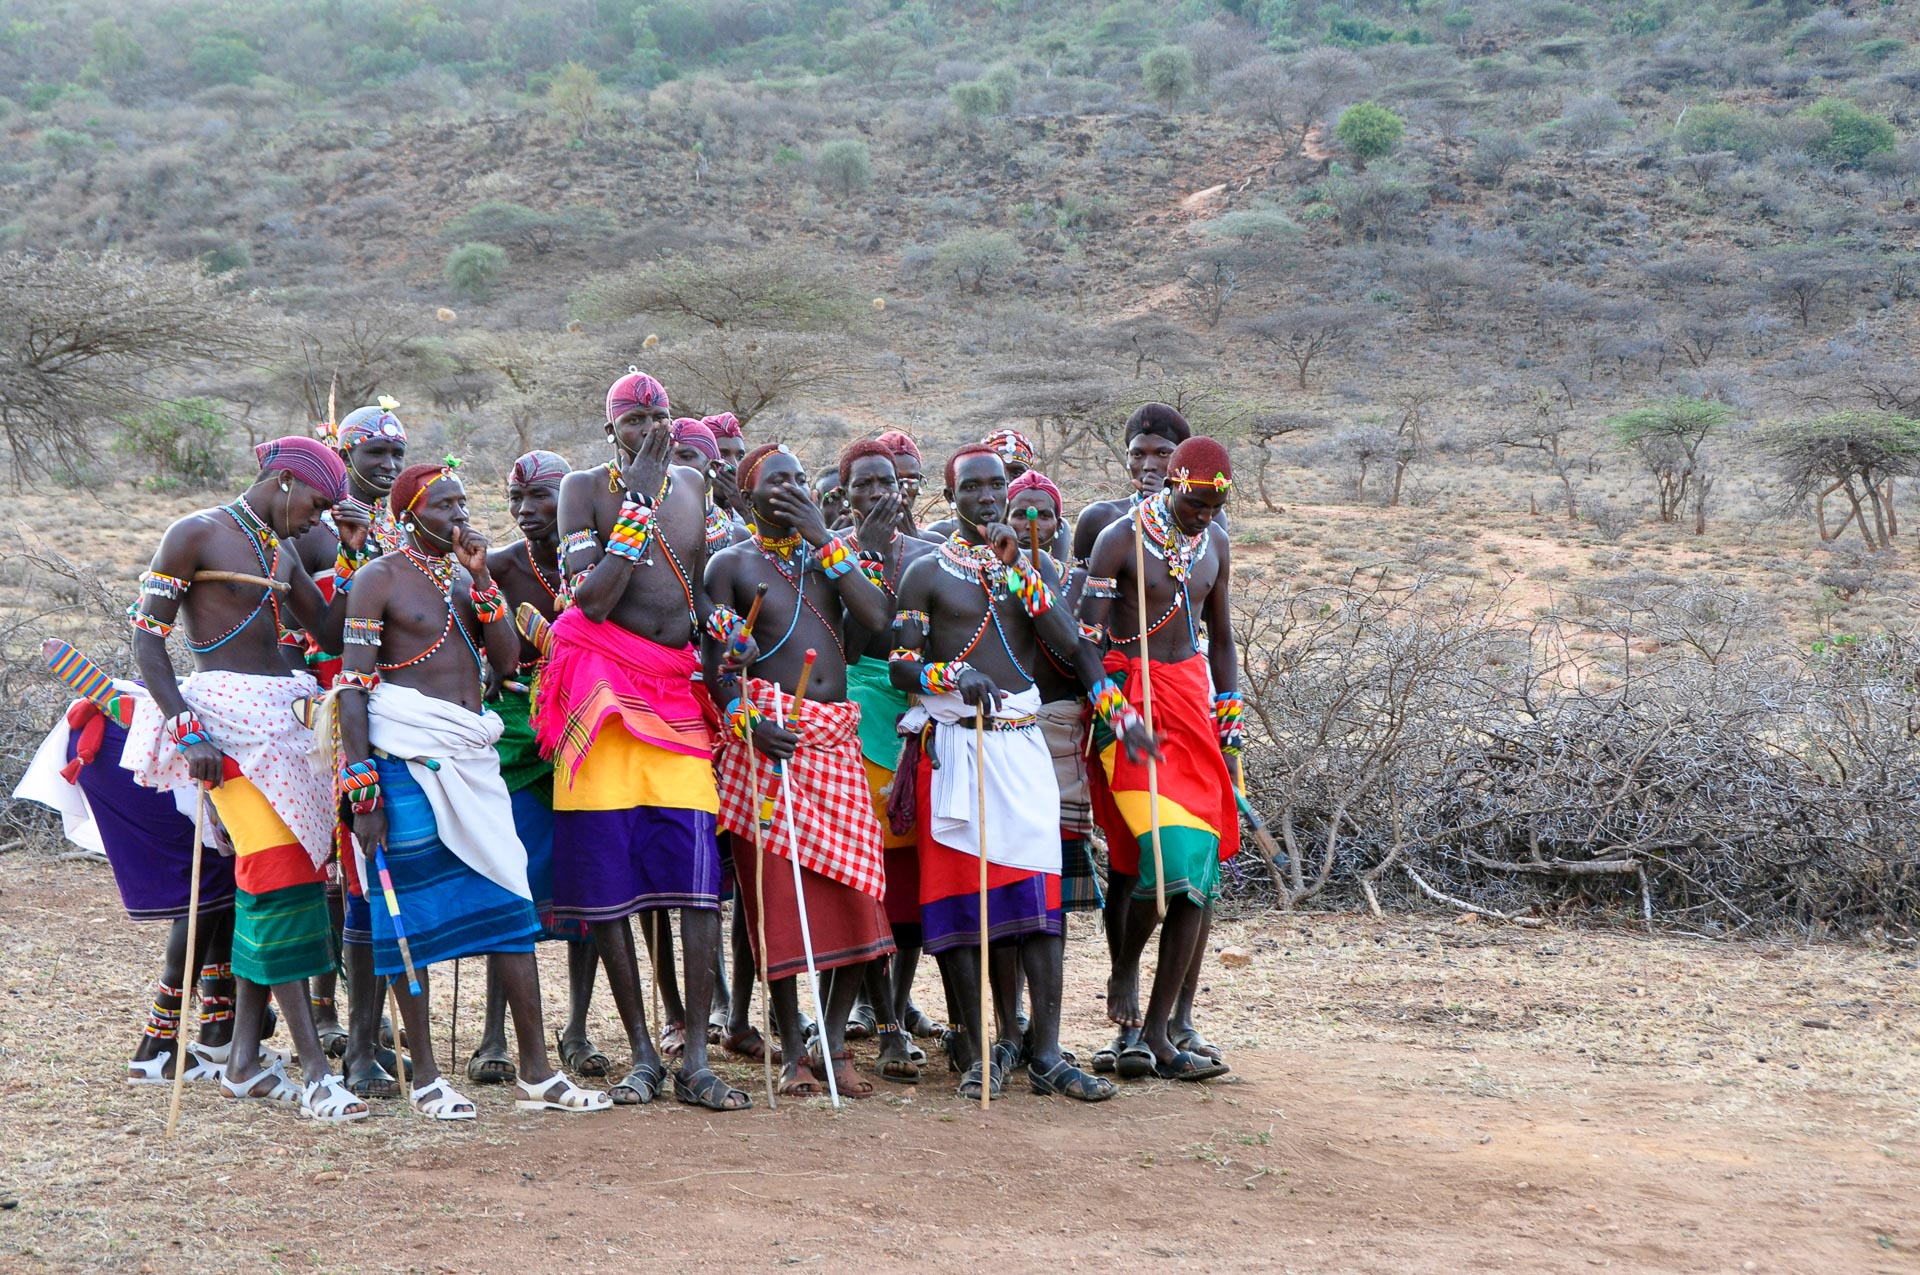 Samburu-Menschen-Kenia-Globetrotter-Select-4